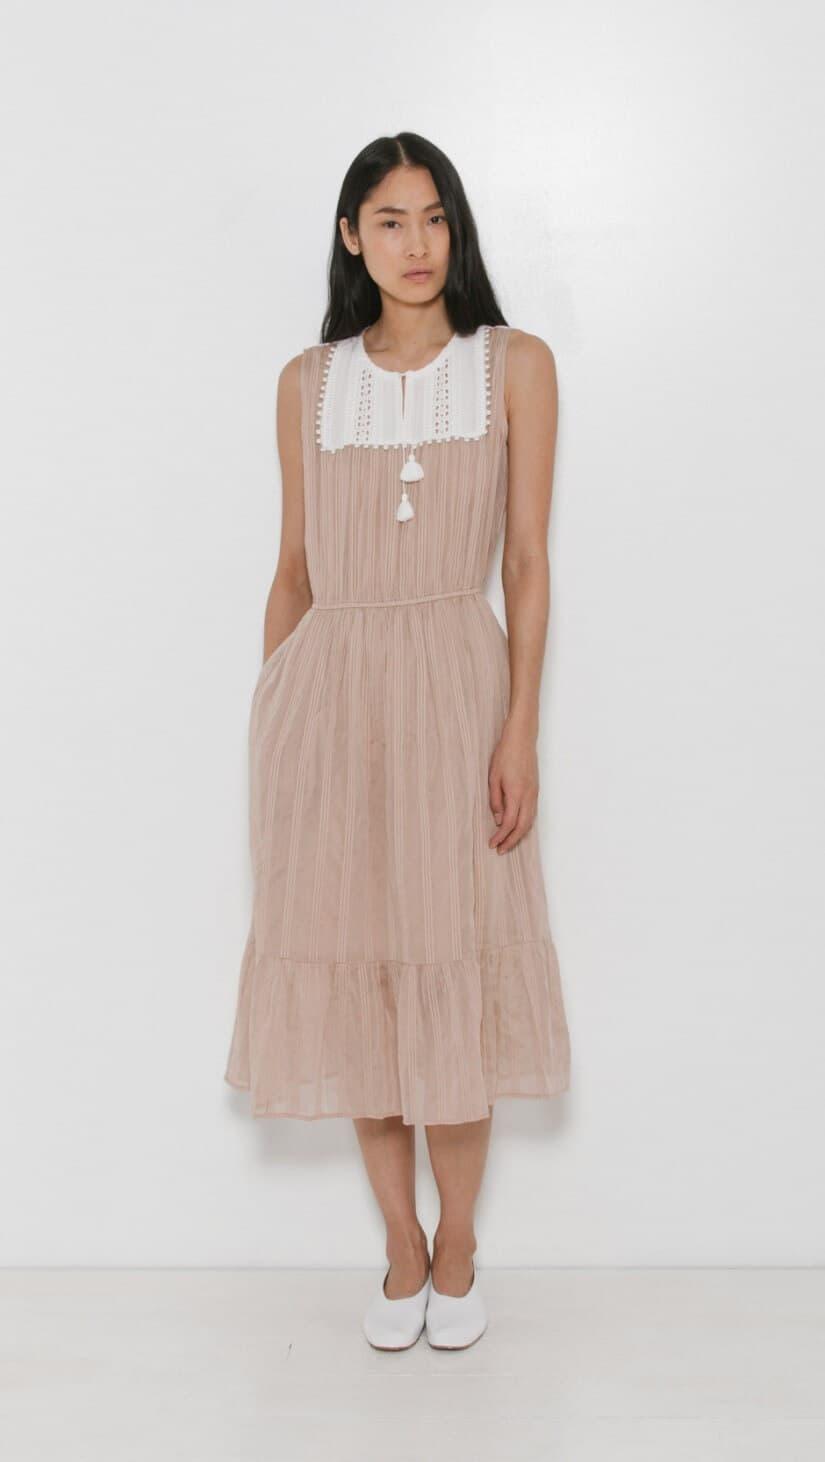 04_sea_ny_silk_lace_sleeveless_dress_camel_1